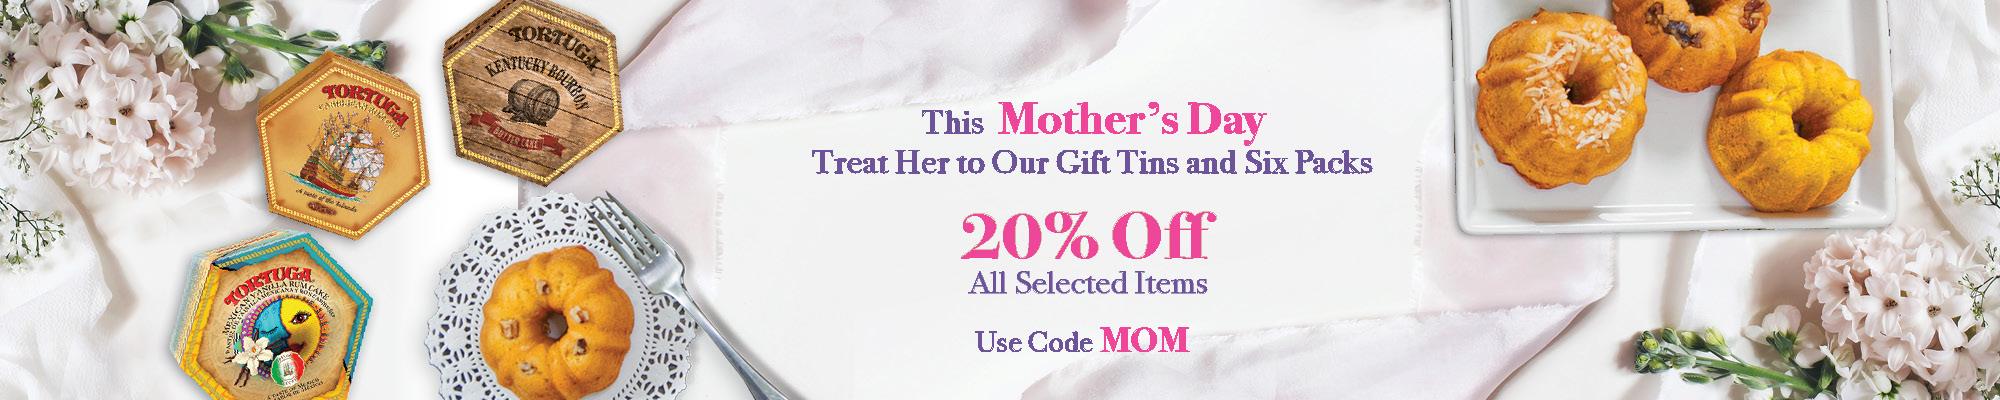 mothersday-2000x400-header.jpg